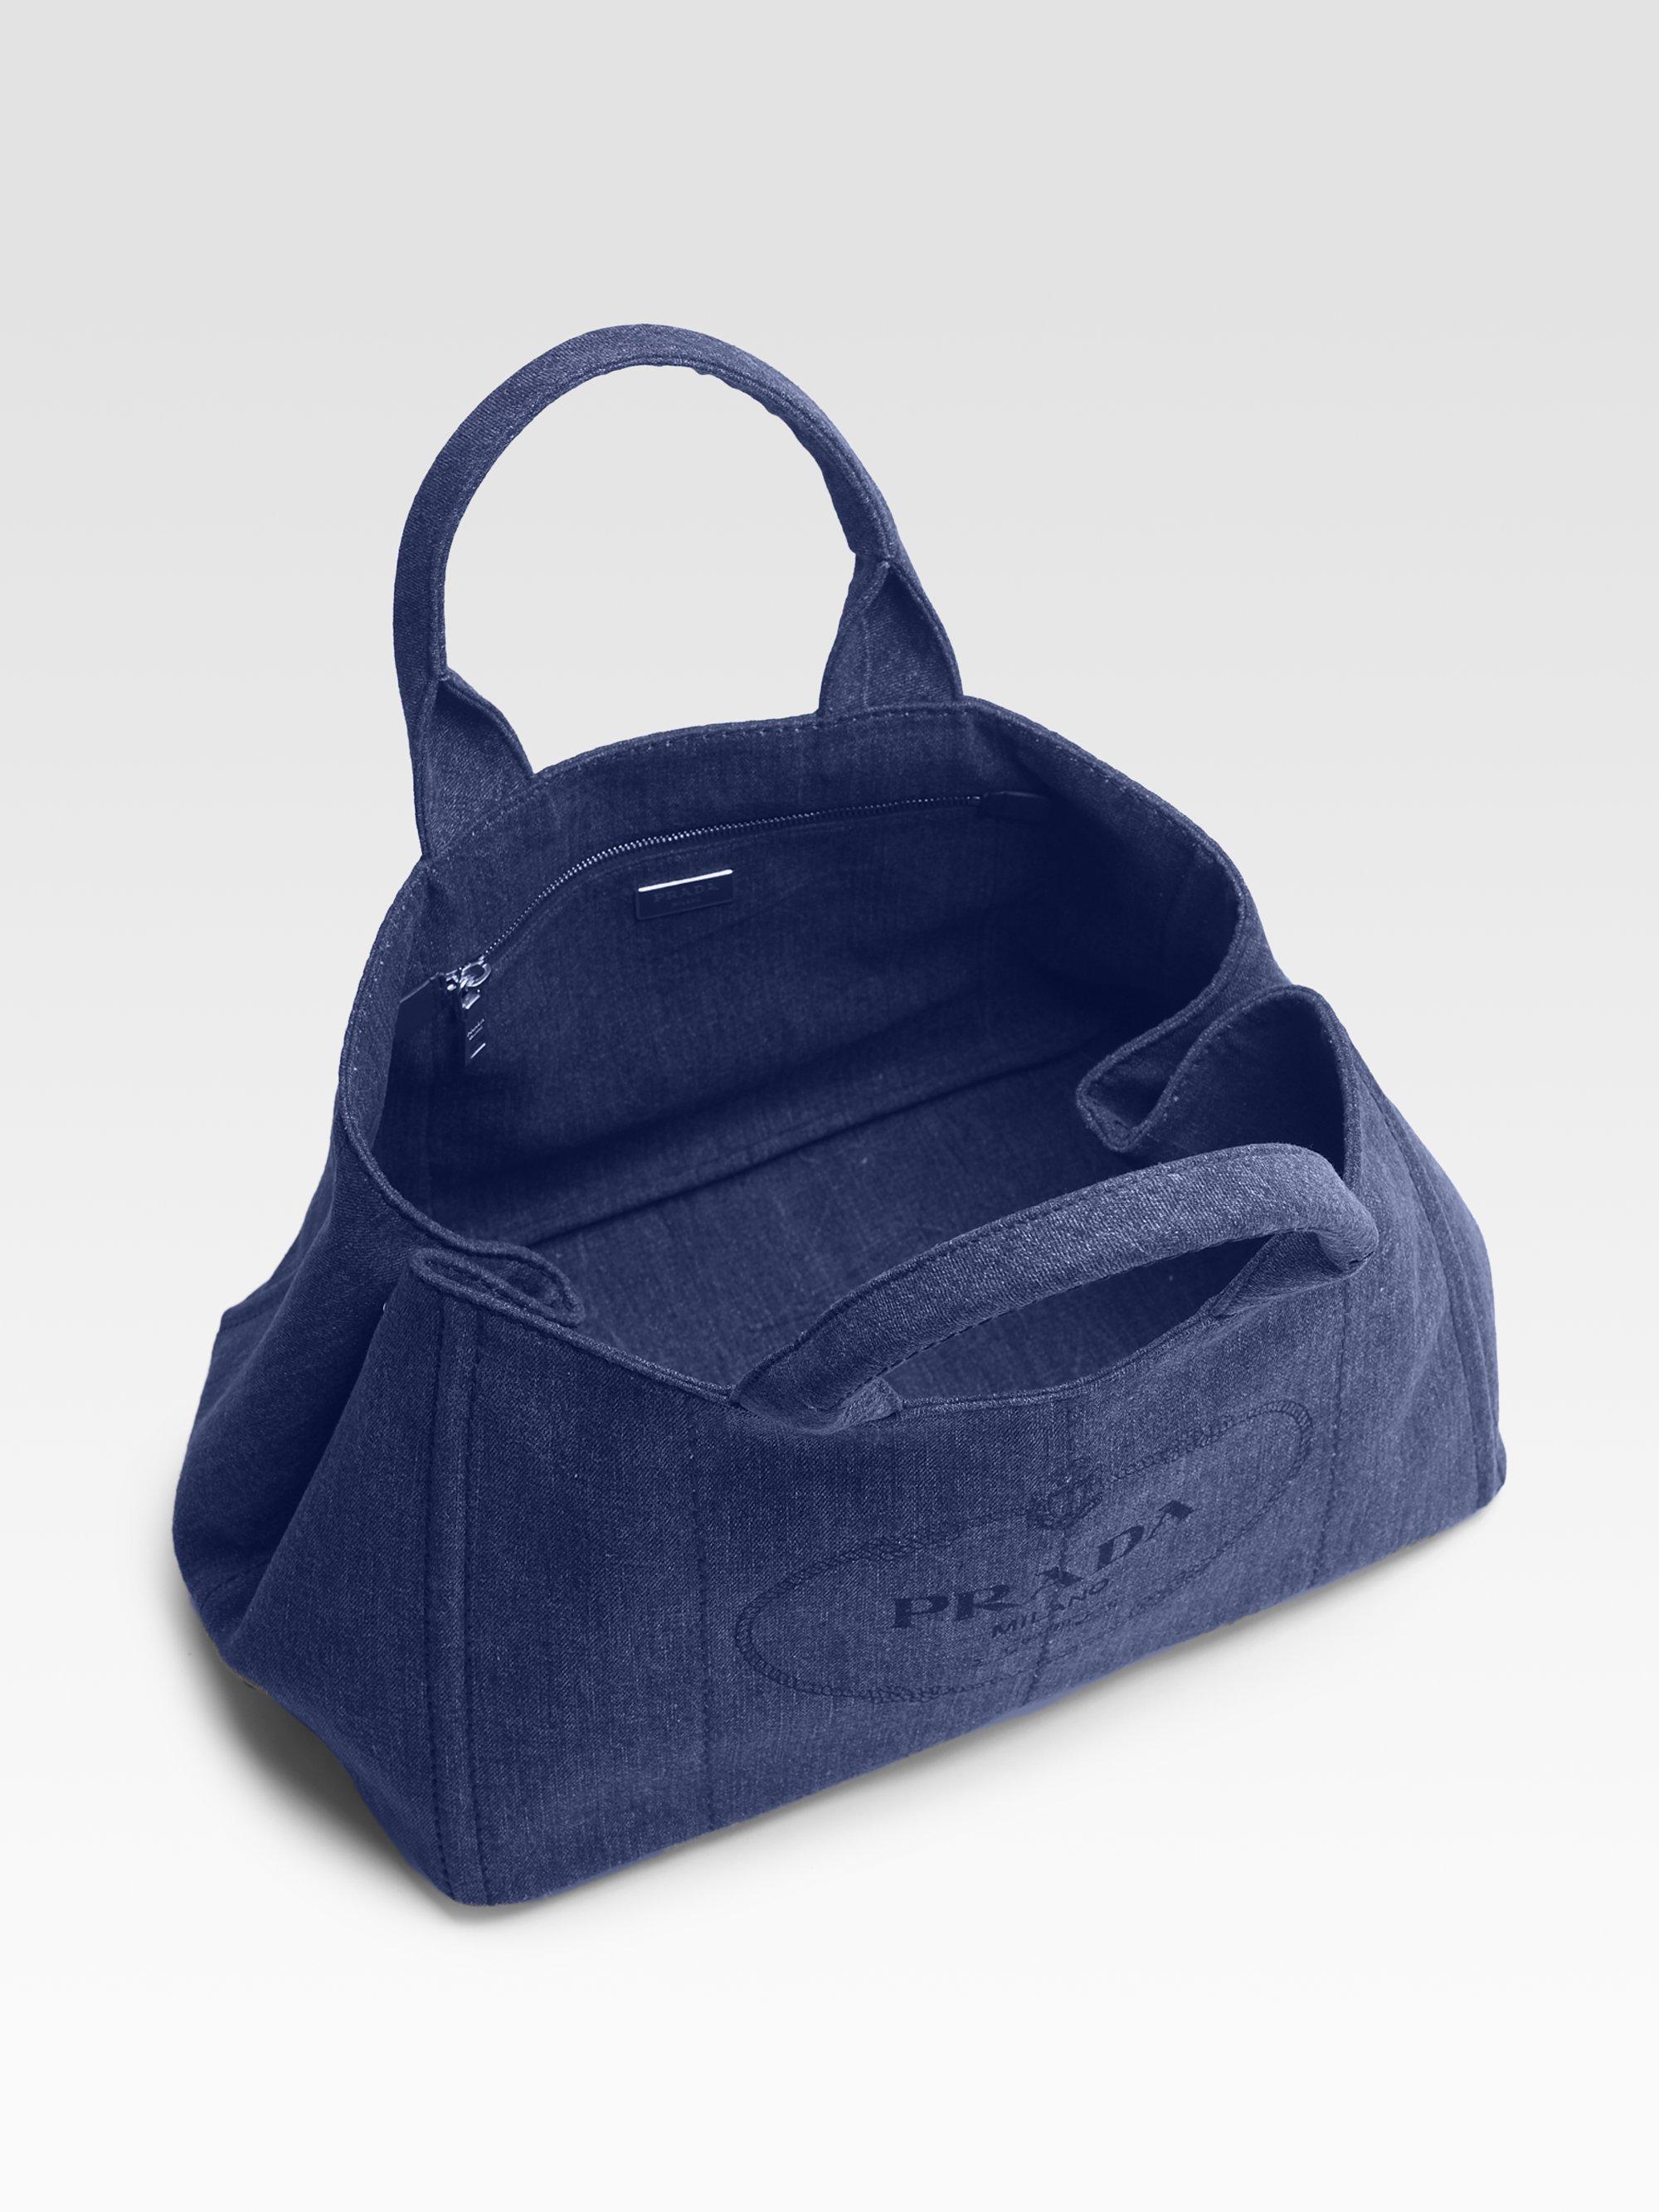 Prada Denim Small Gardeners Tote Bag in Blue (denim) | Lyst